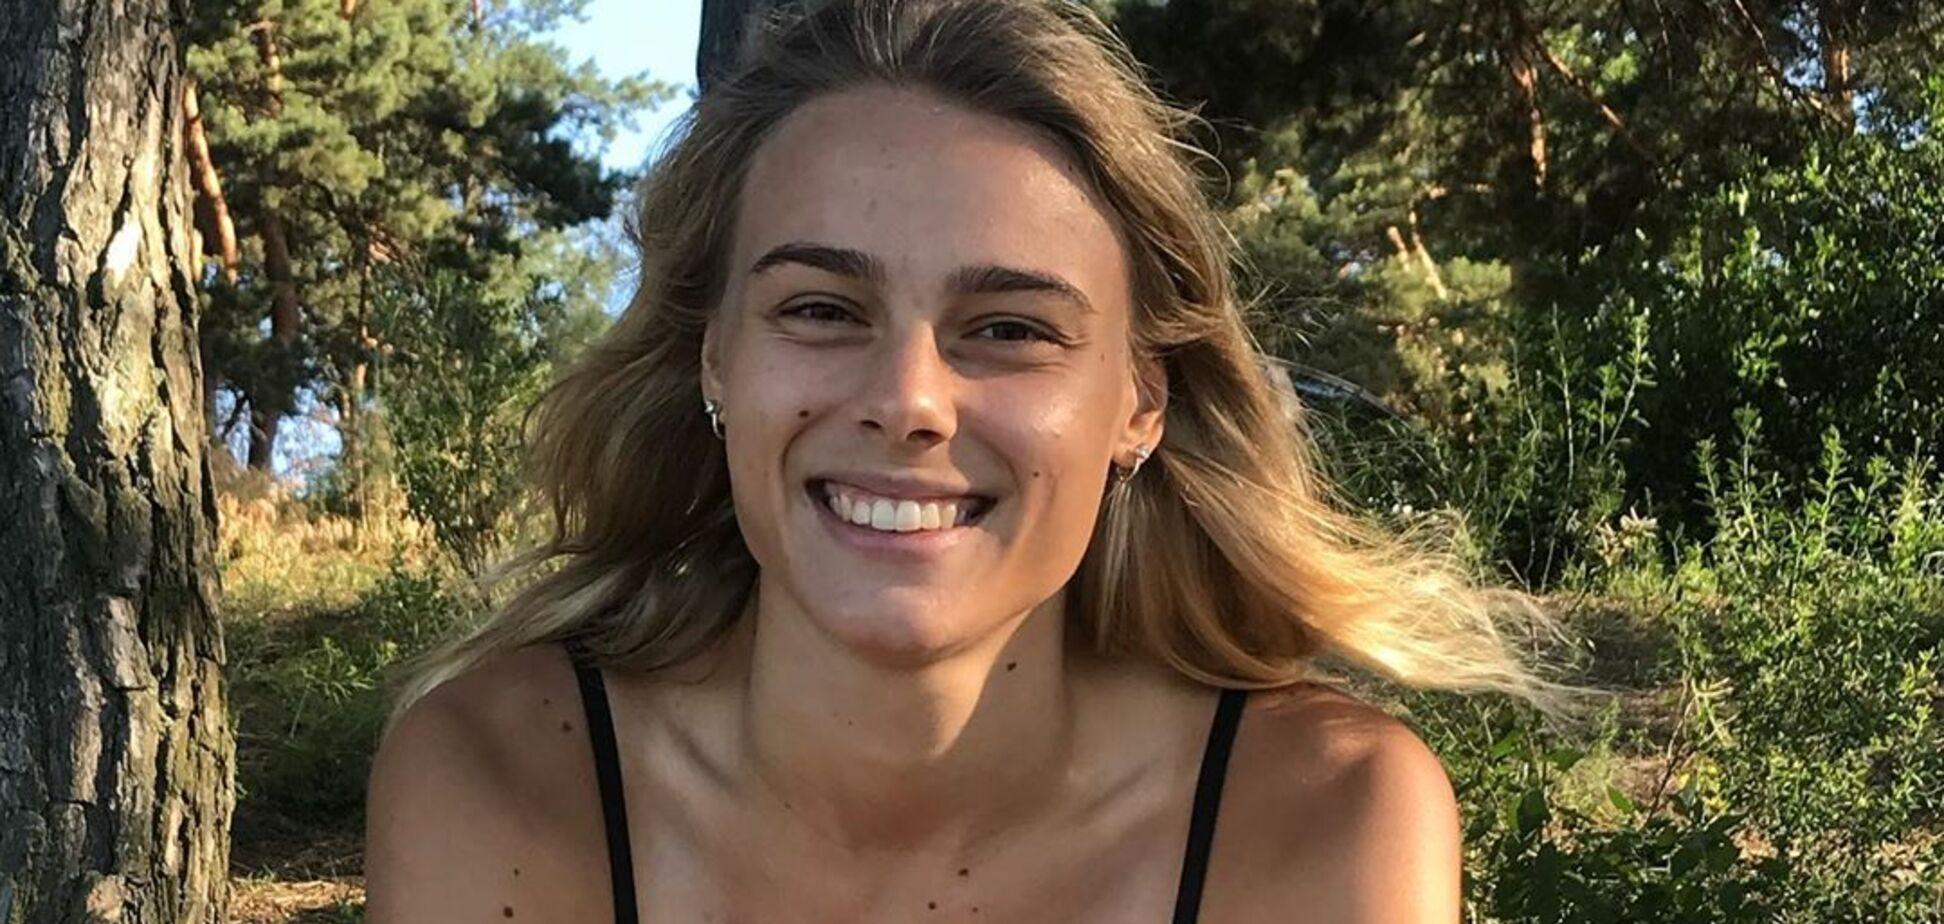 Юлія Левченко показала себе в купальнику